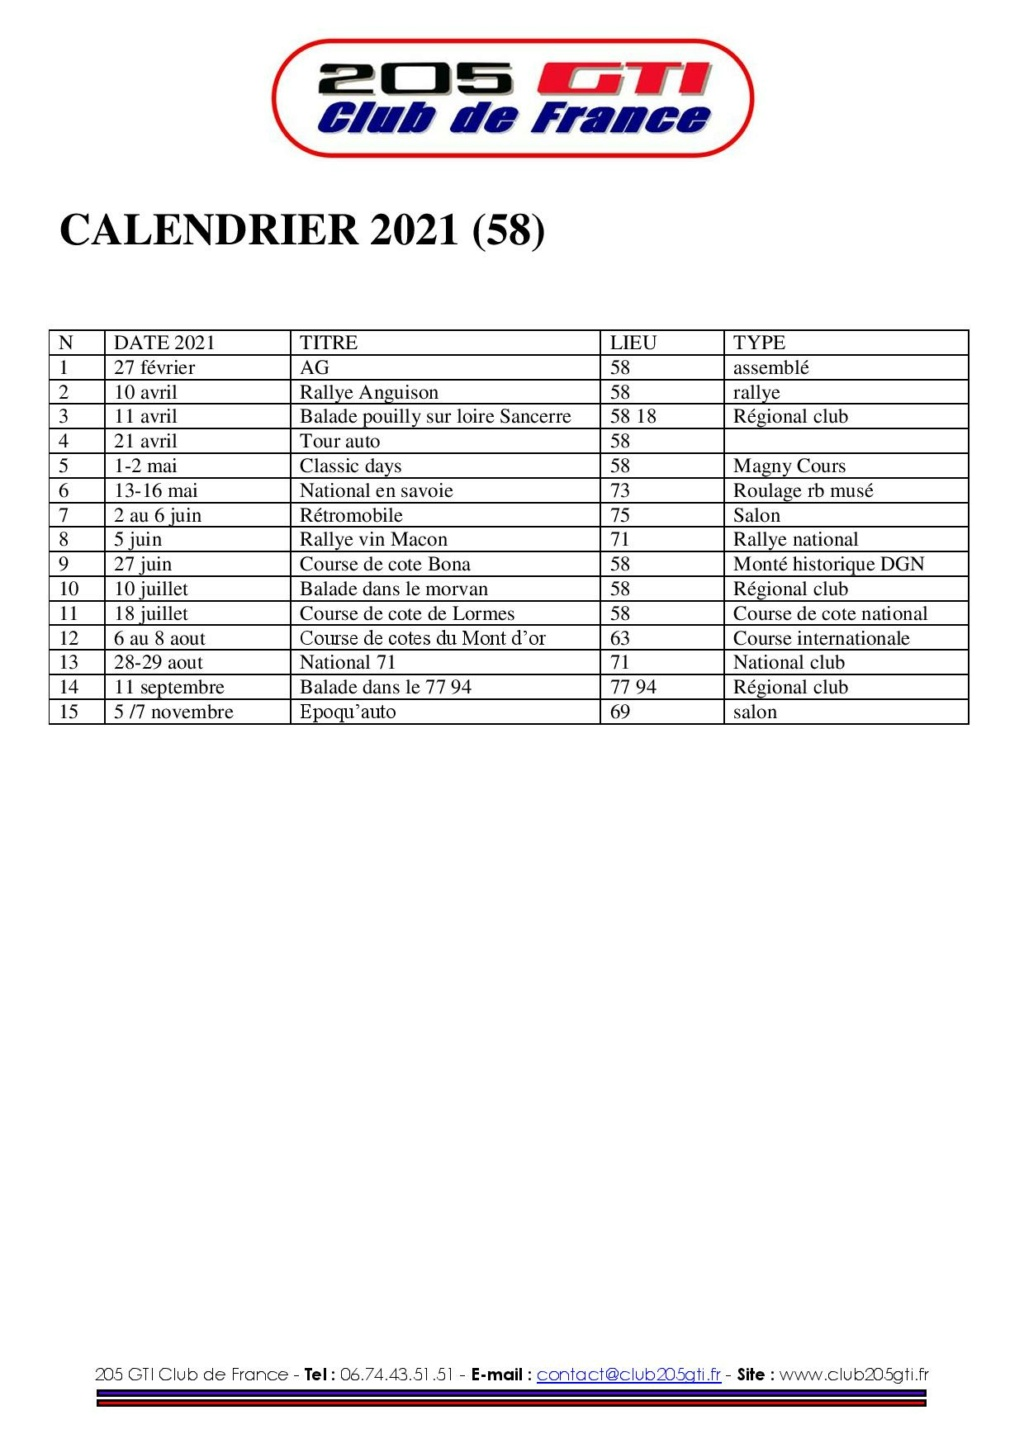 Calendrier 2021 Bourgogne Calend12